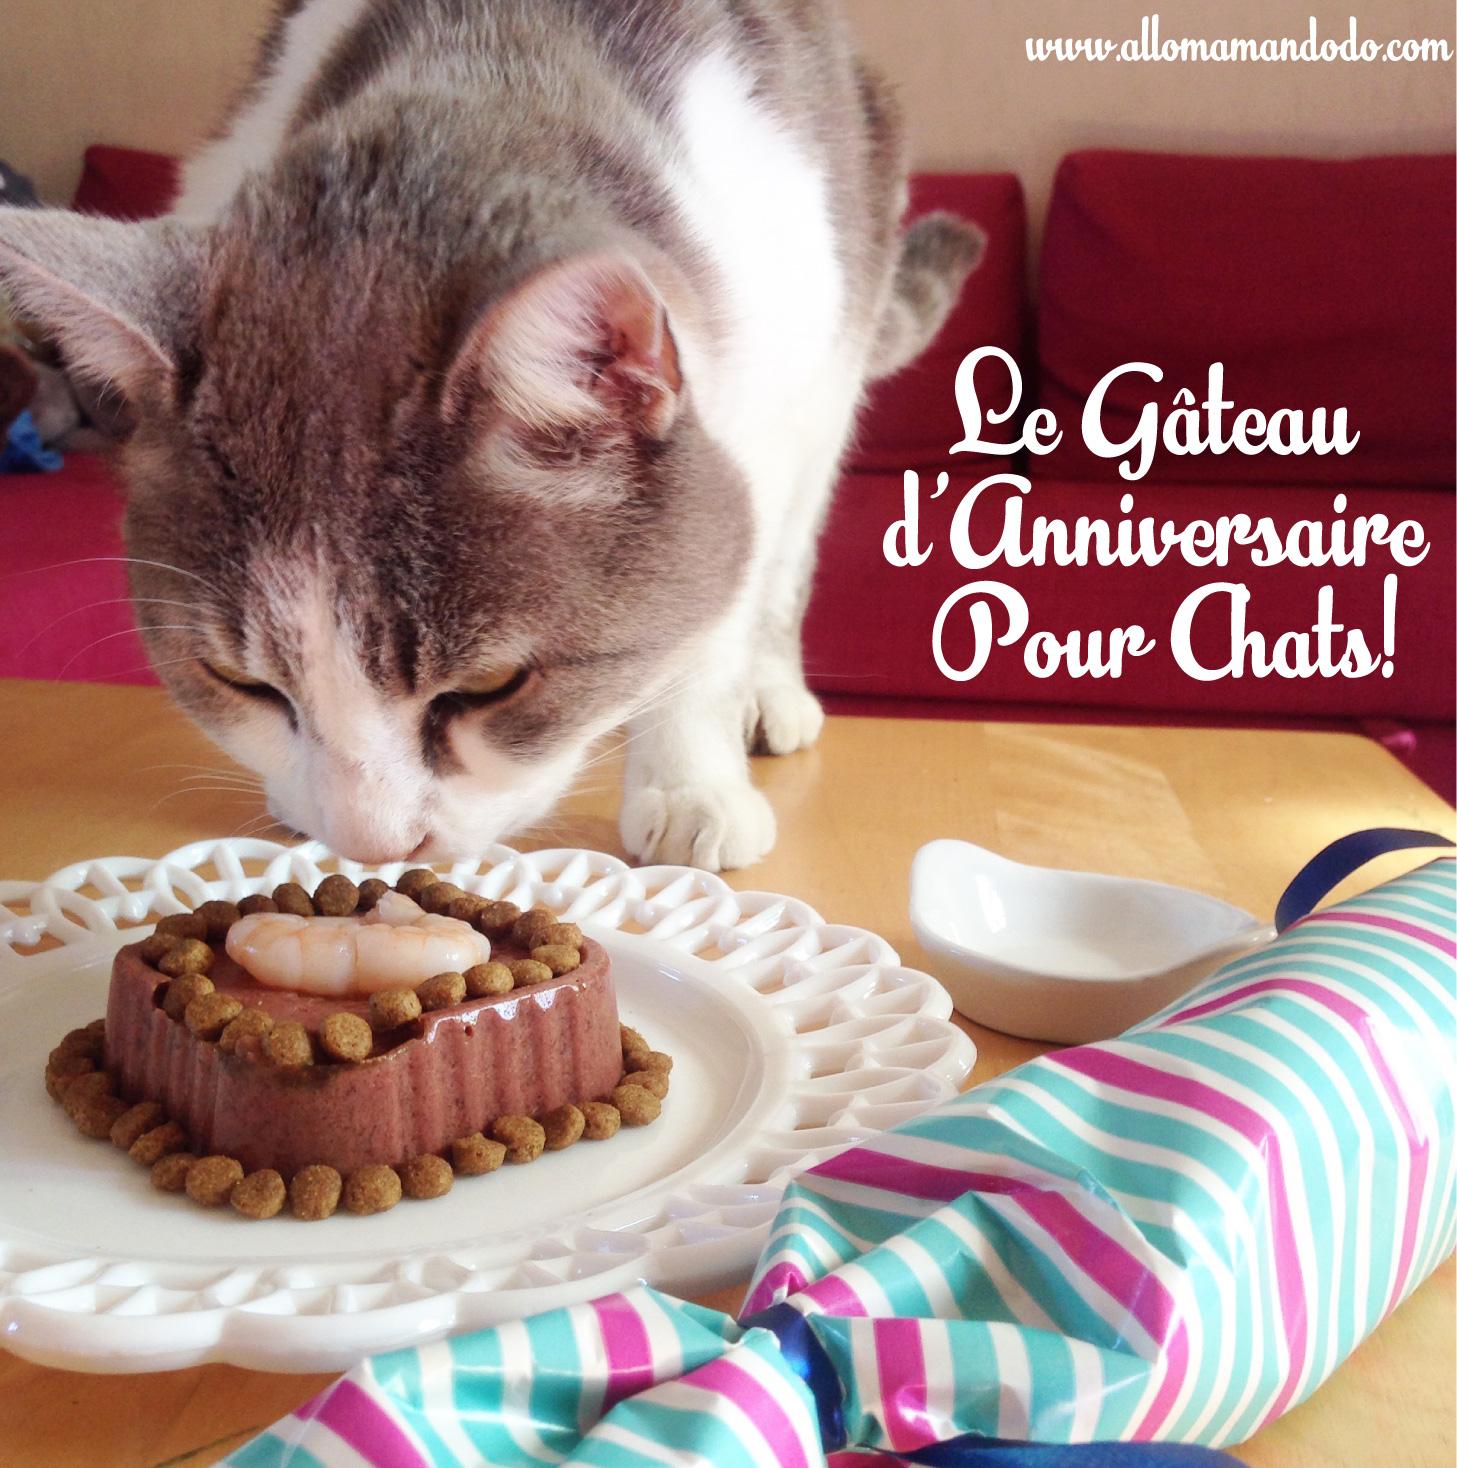 Le Gâteau Danniversaire Pour Chat Allo Maman Dodo